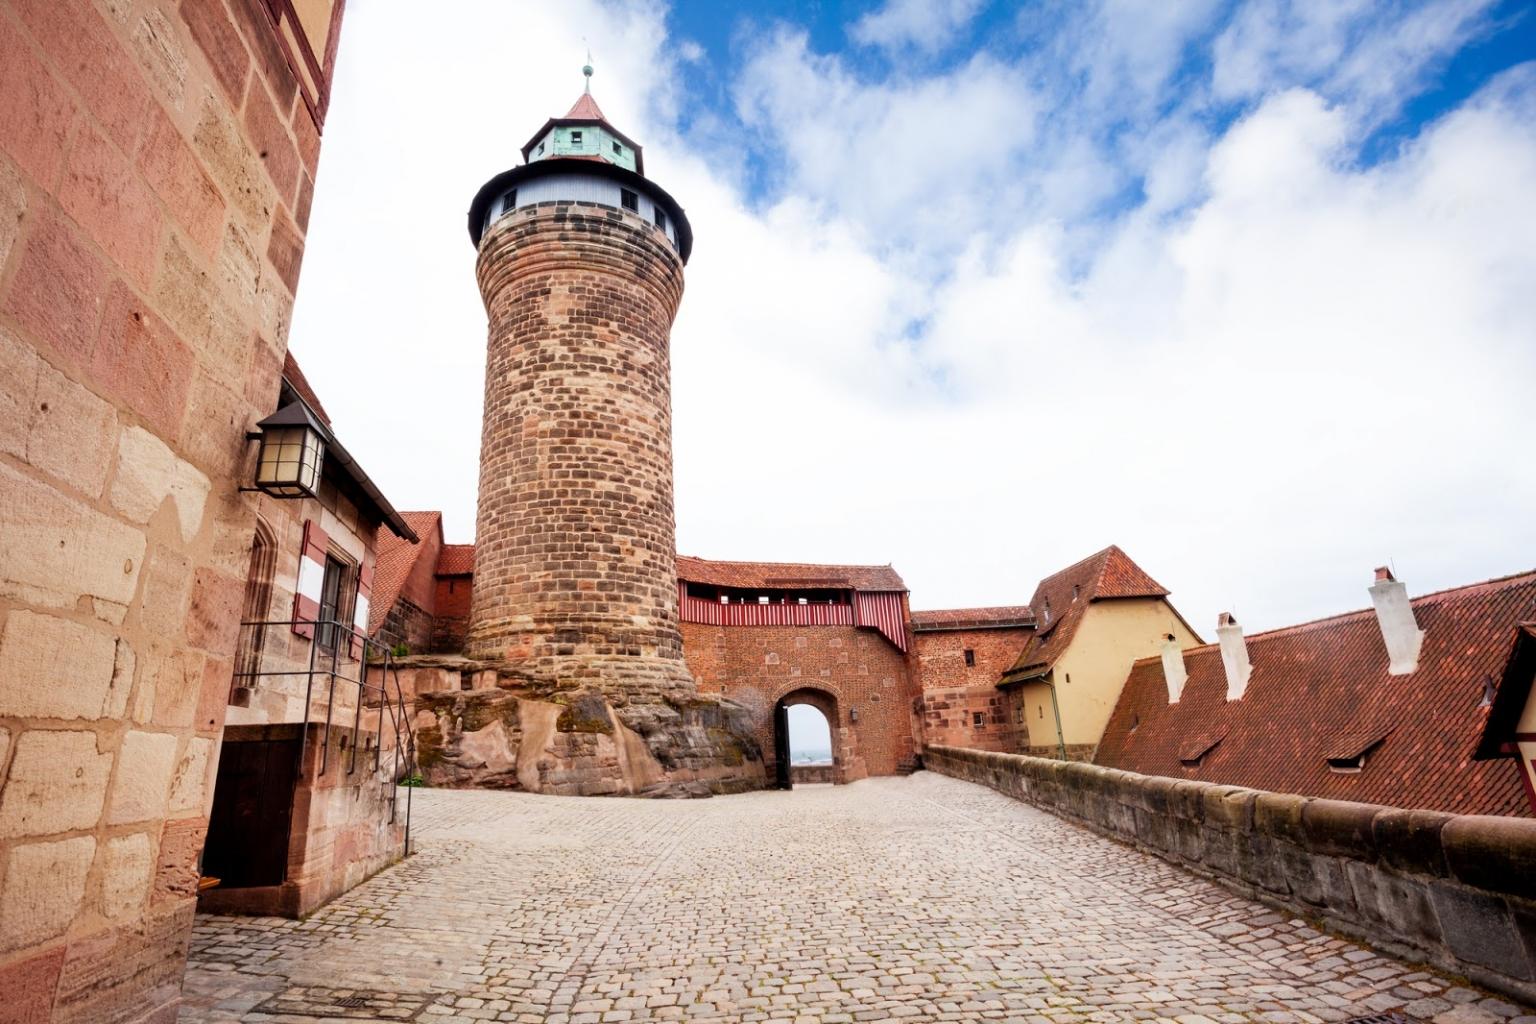 Es ist ein Rätsel, wie die Stimmen in den tiefen Brunnen in der Kaiserburg Nürnberg kommen.